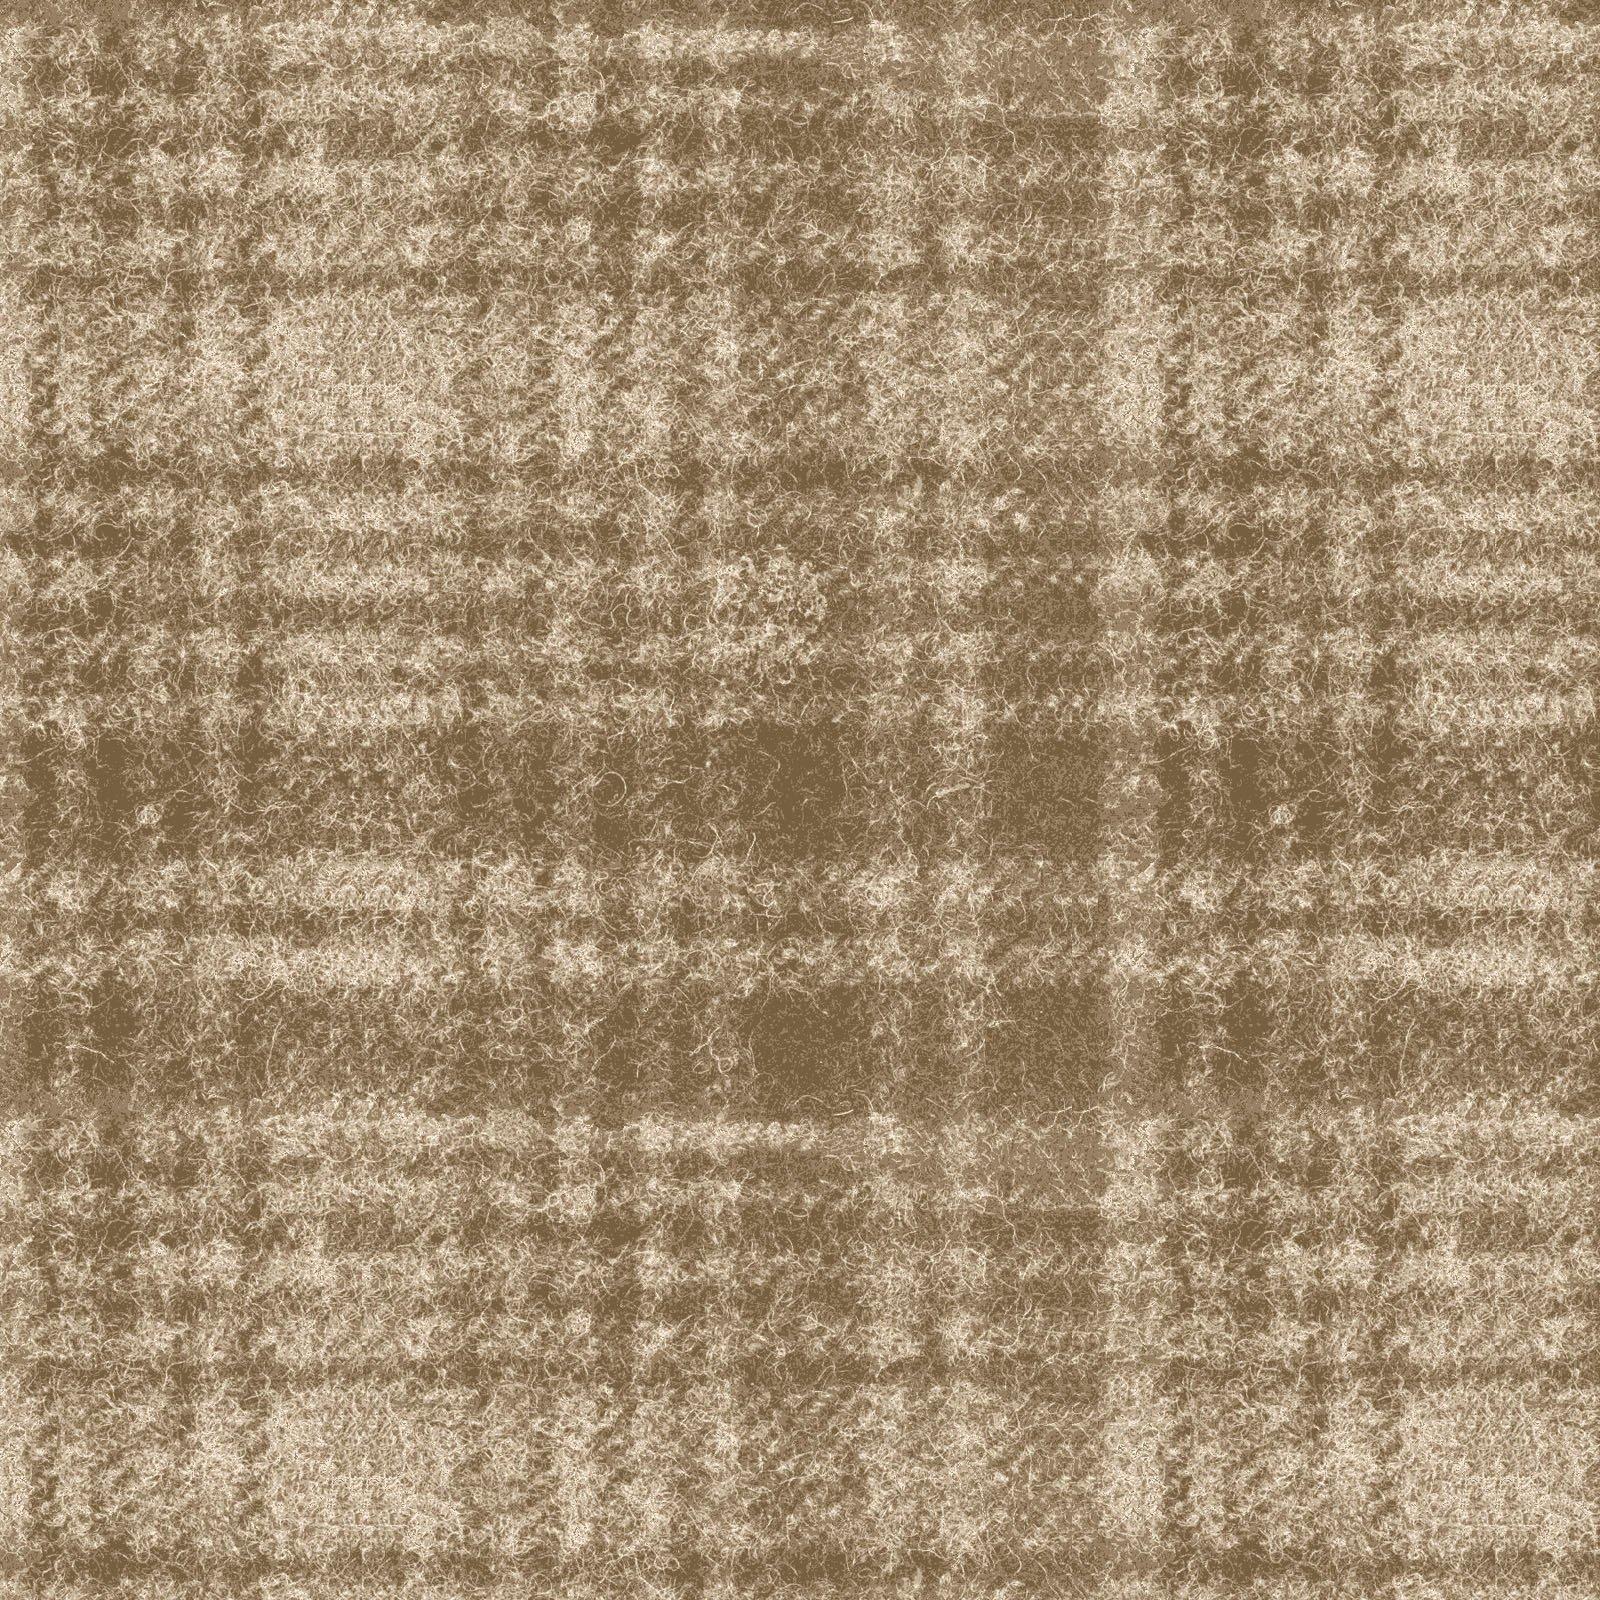 Woolies Flannel -Brown/Tan